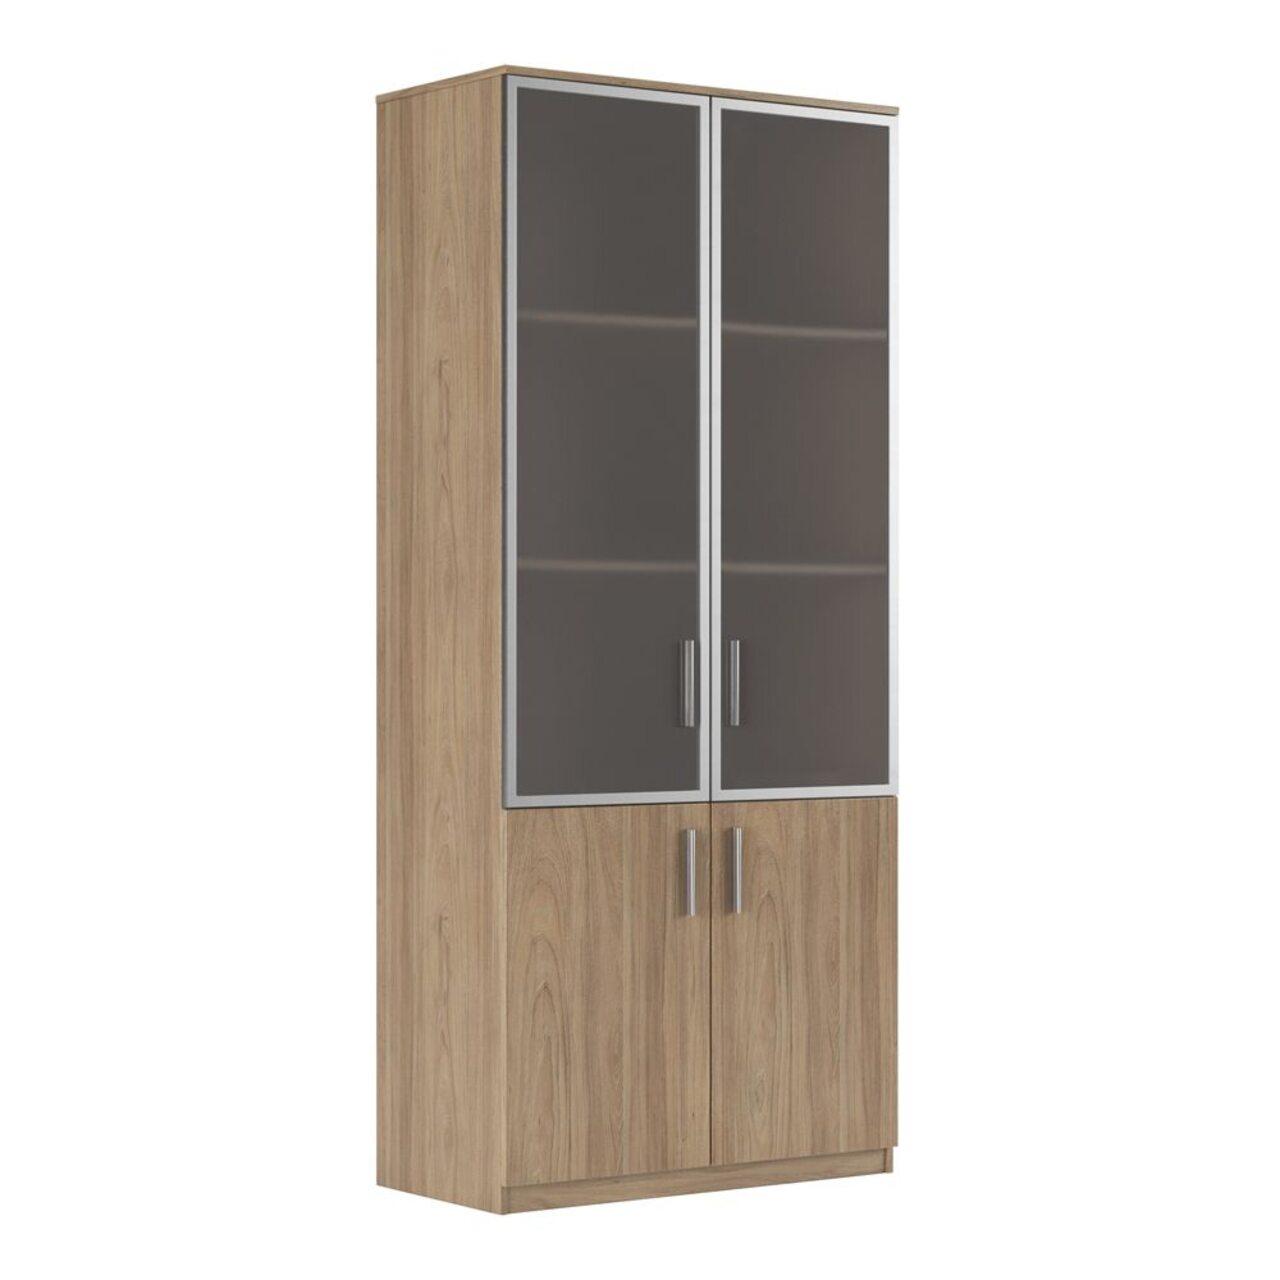 Шкаф для бумаг (древесный)  ASTI 90x45x205 - фото 1